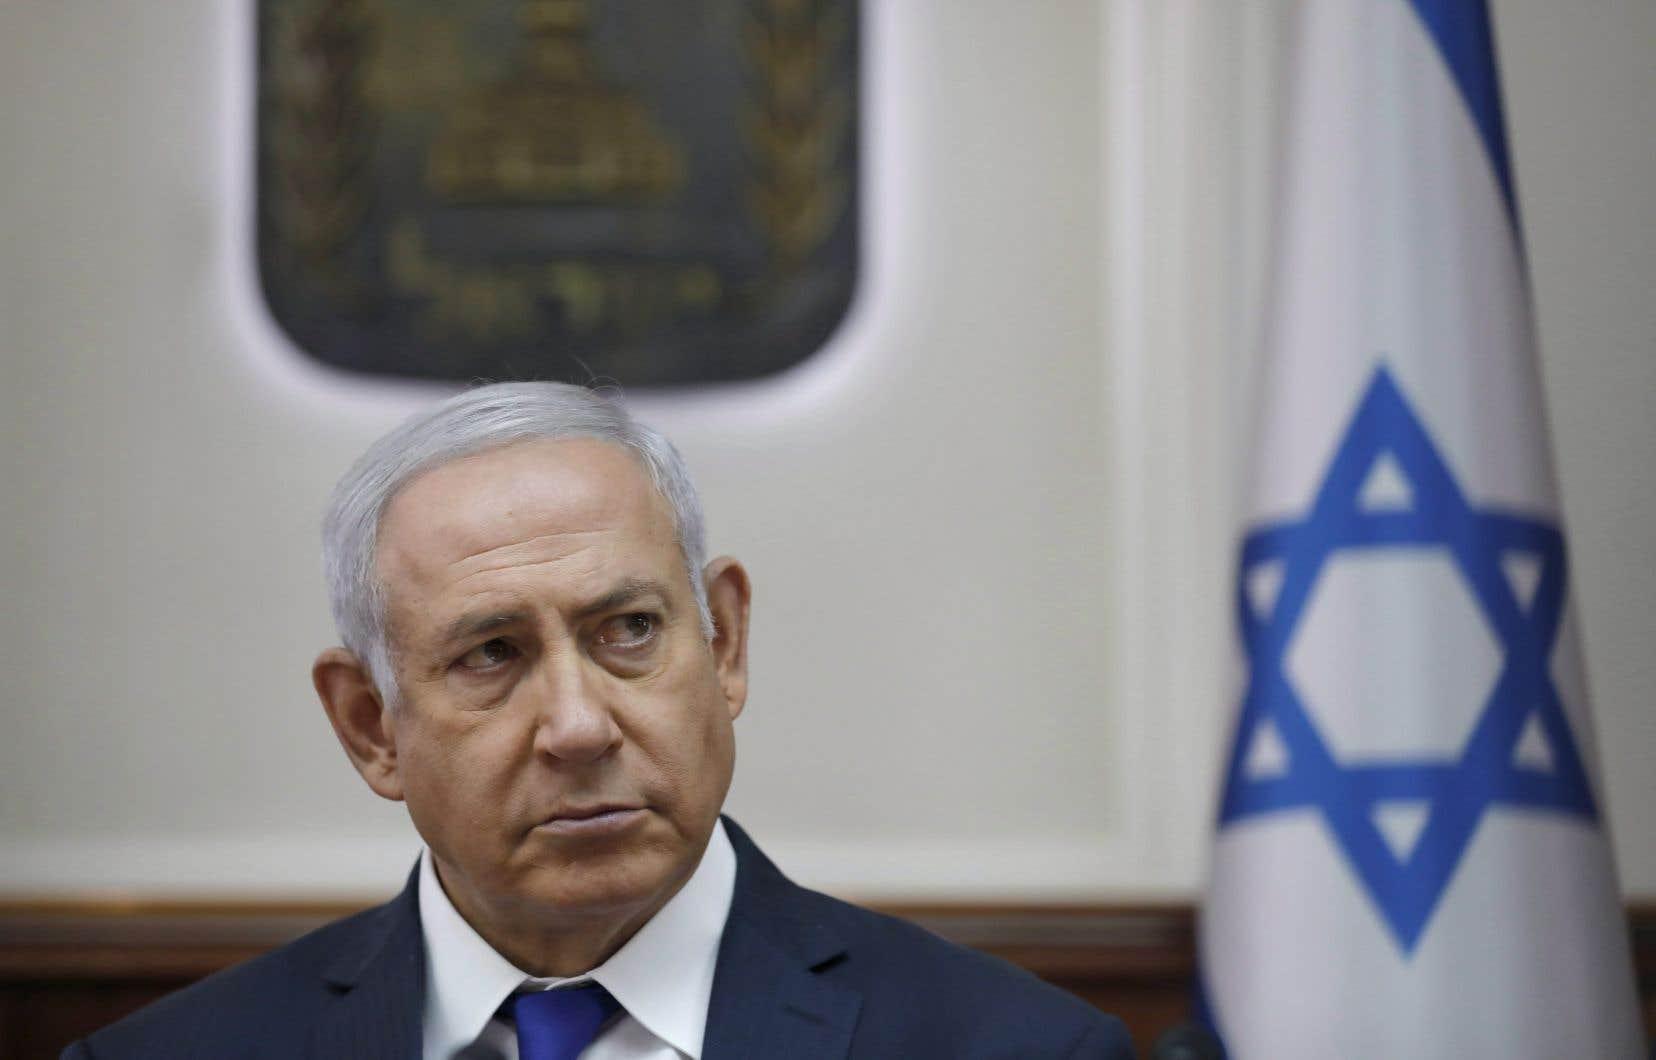 Le premier ministre israélien, Benjamin Nétanyahou, fait face à des choix difficiles après la démission de son ministre de la Défense.